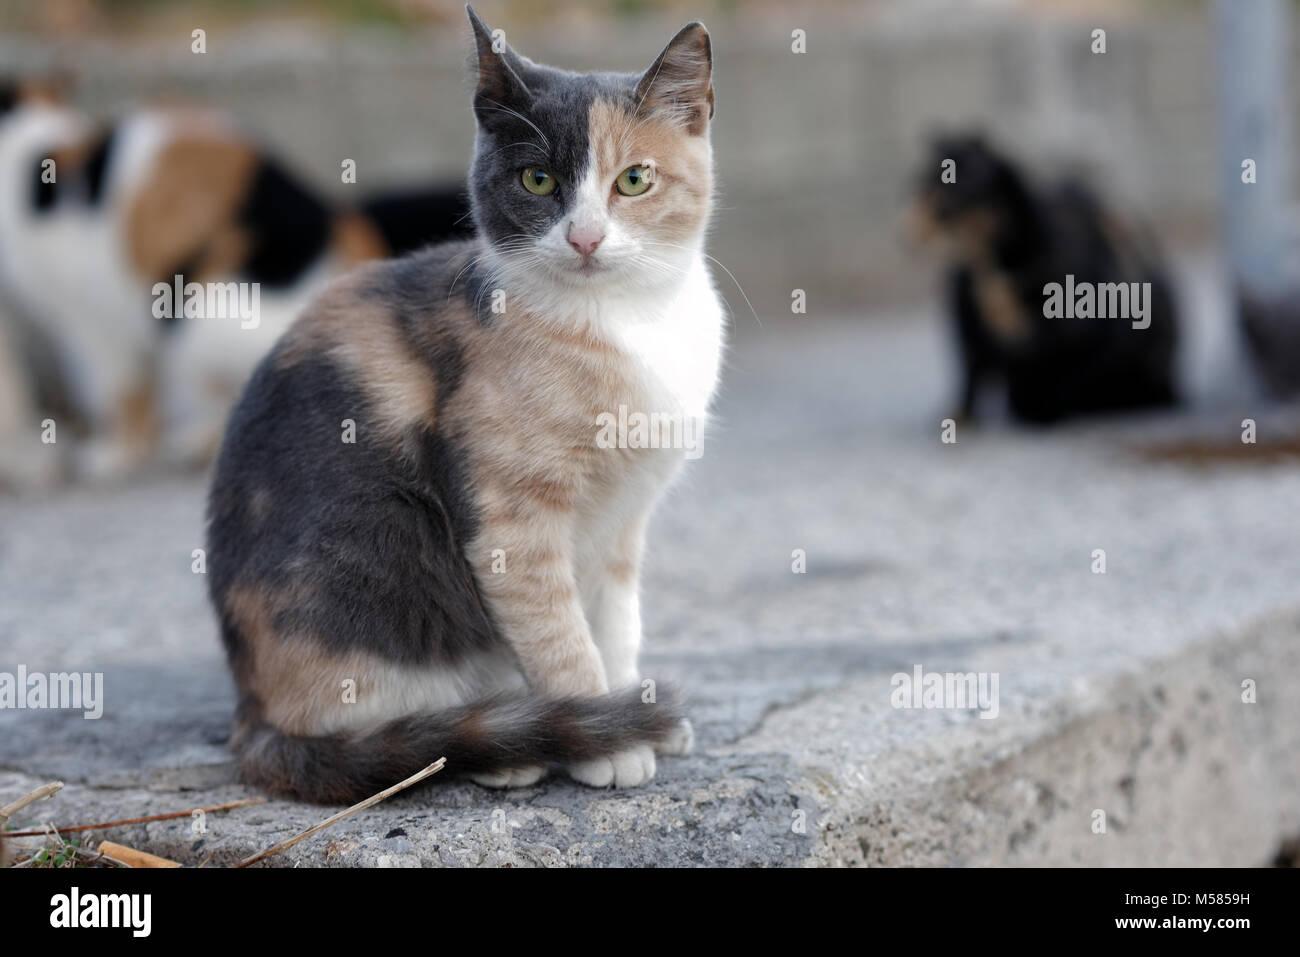 Portrait of cute tricolor cat - Stock Image